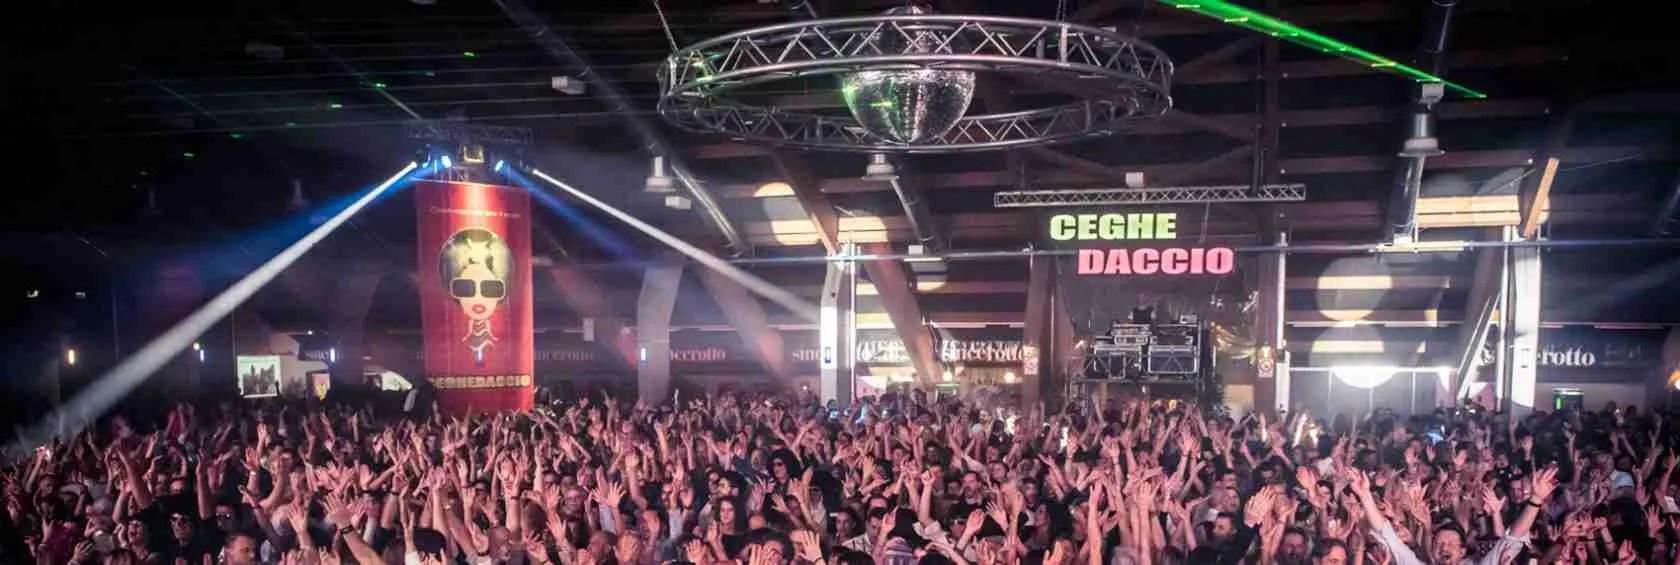 L'evento musicale più amato dalle escort Udine è il Ceghedaccio.